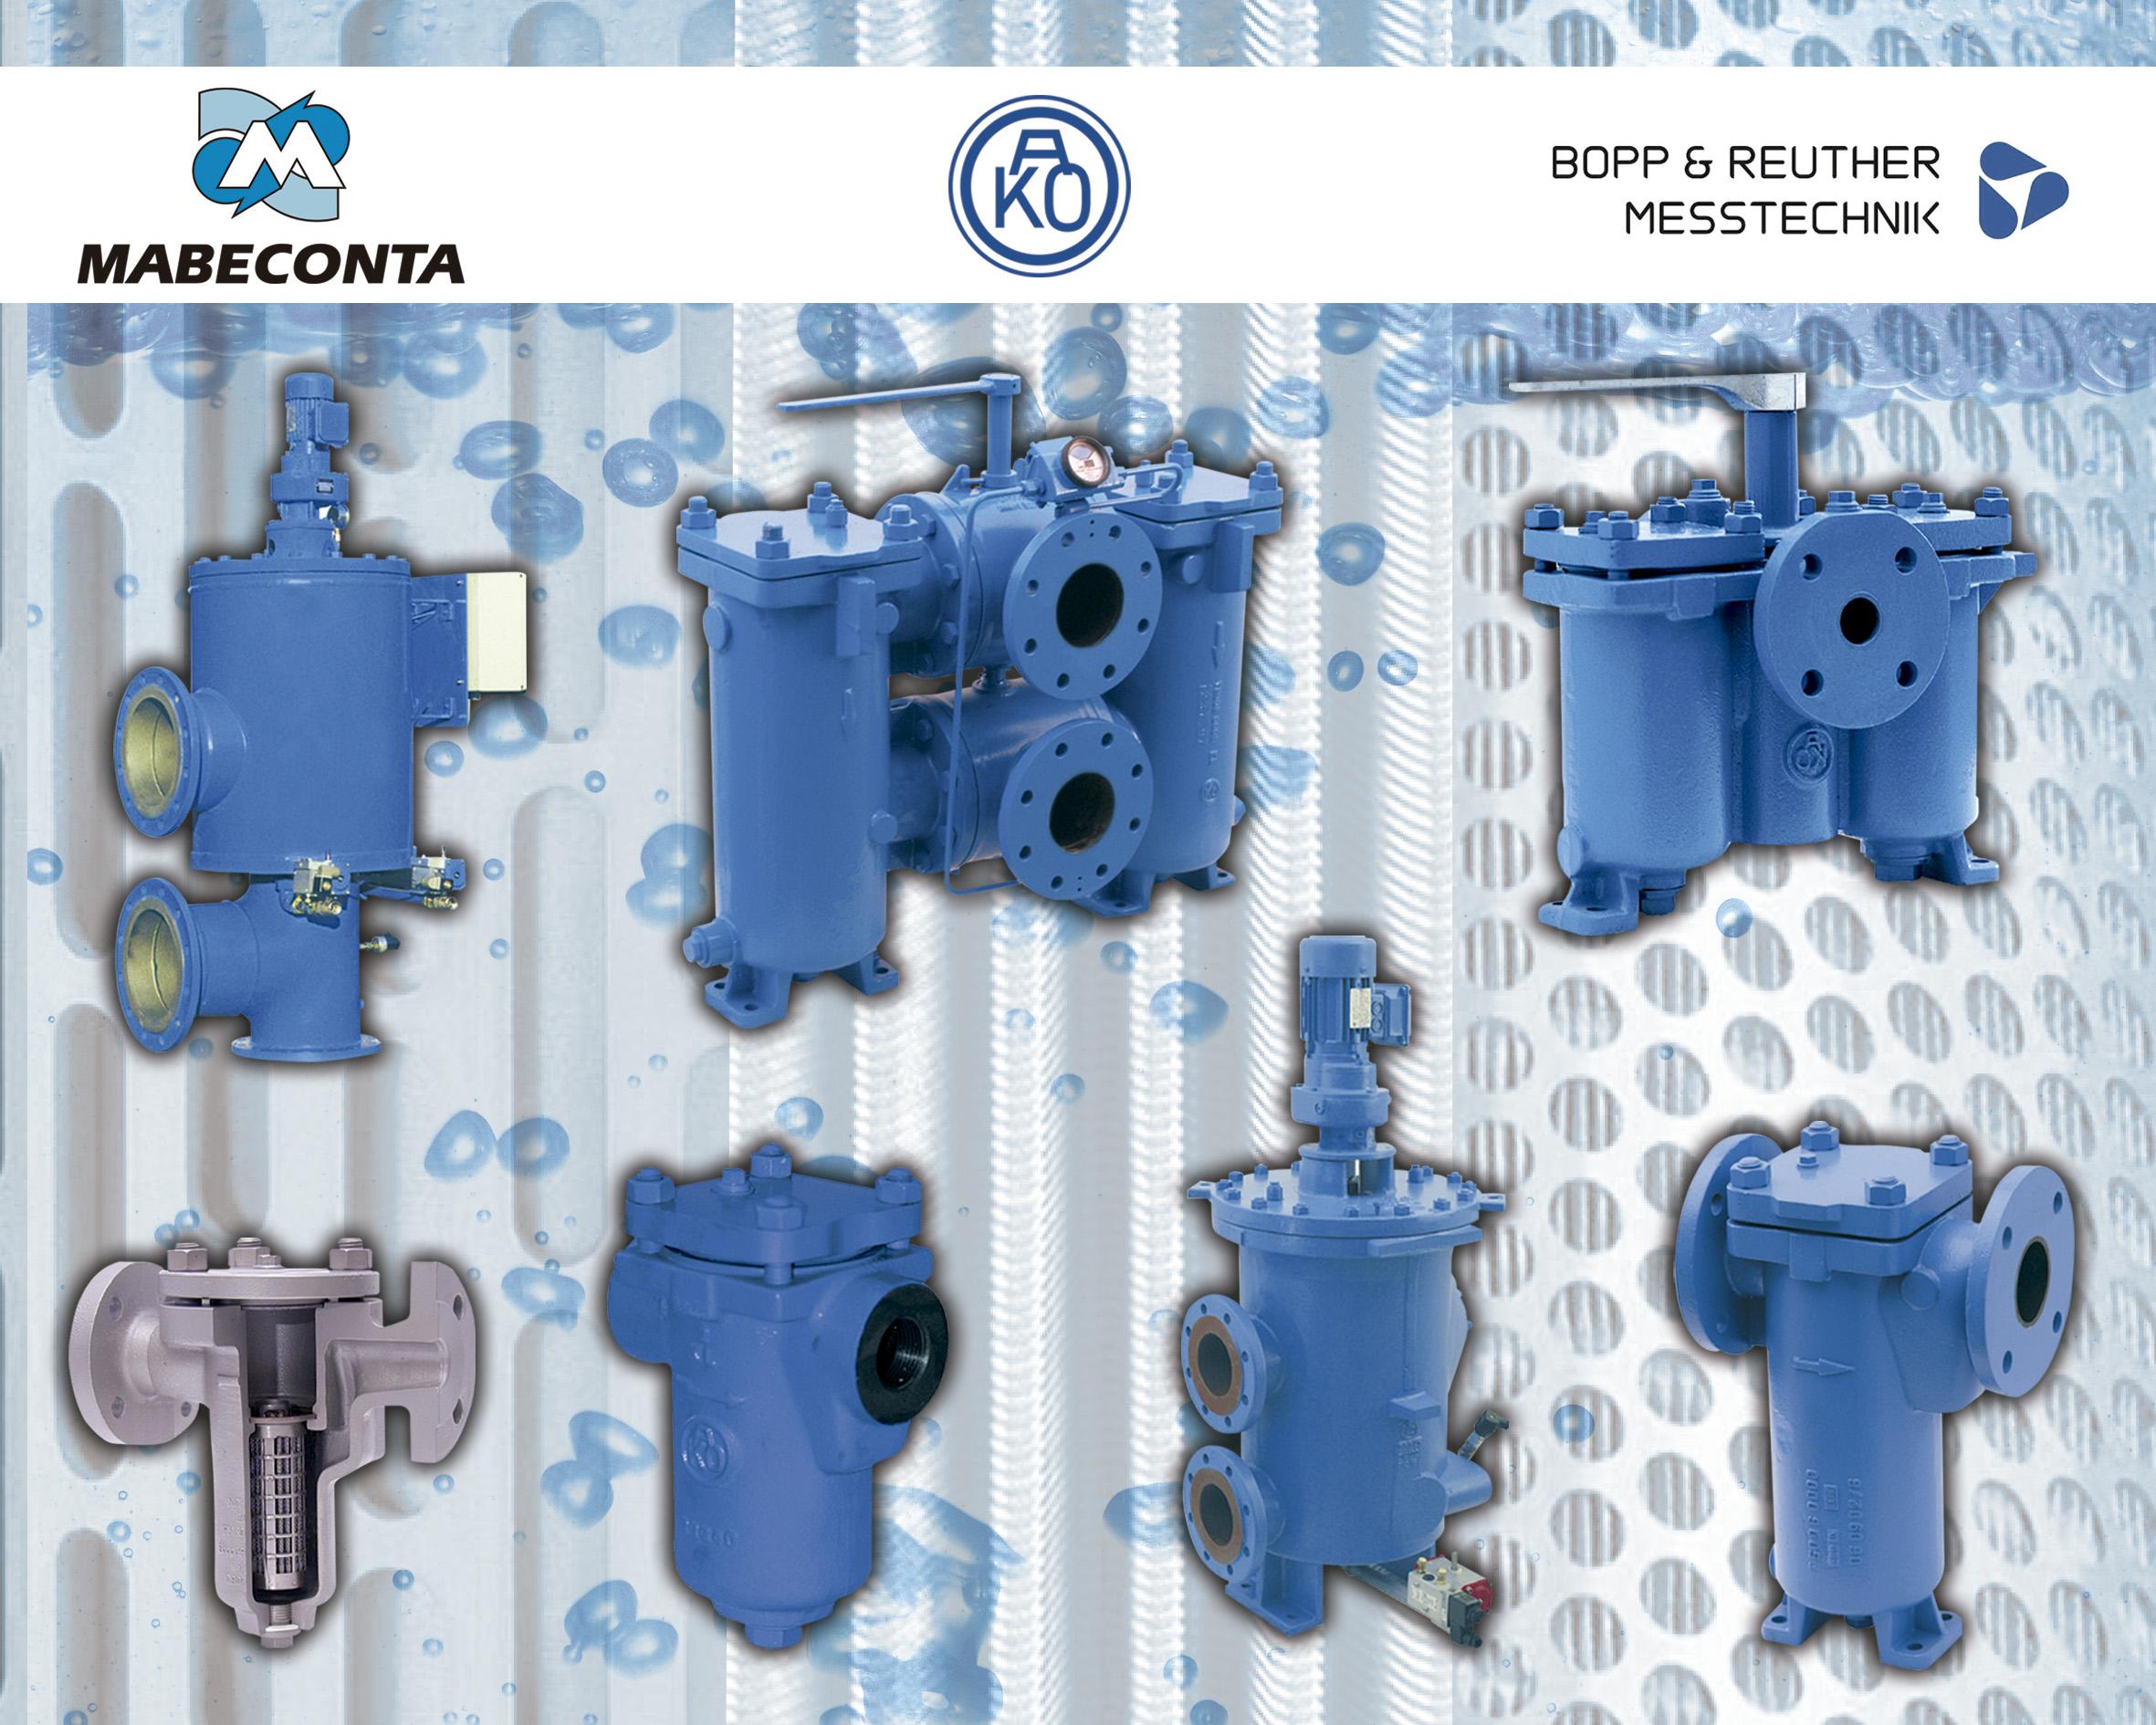 Sistemas de filtración Mabeconta, tecnología avanzada